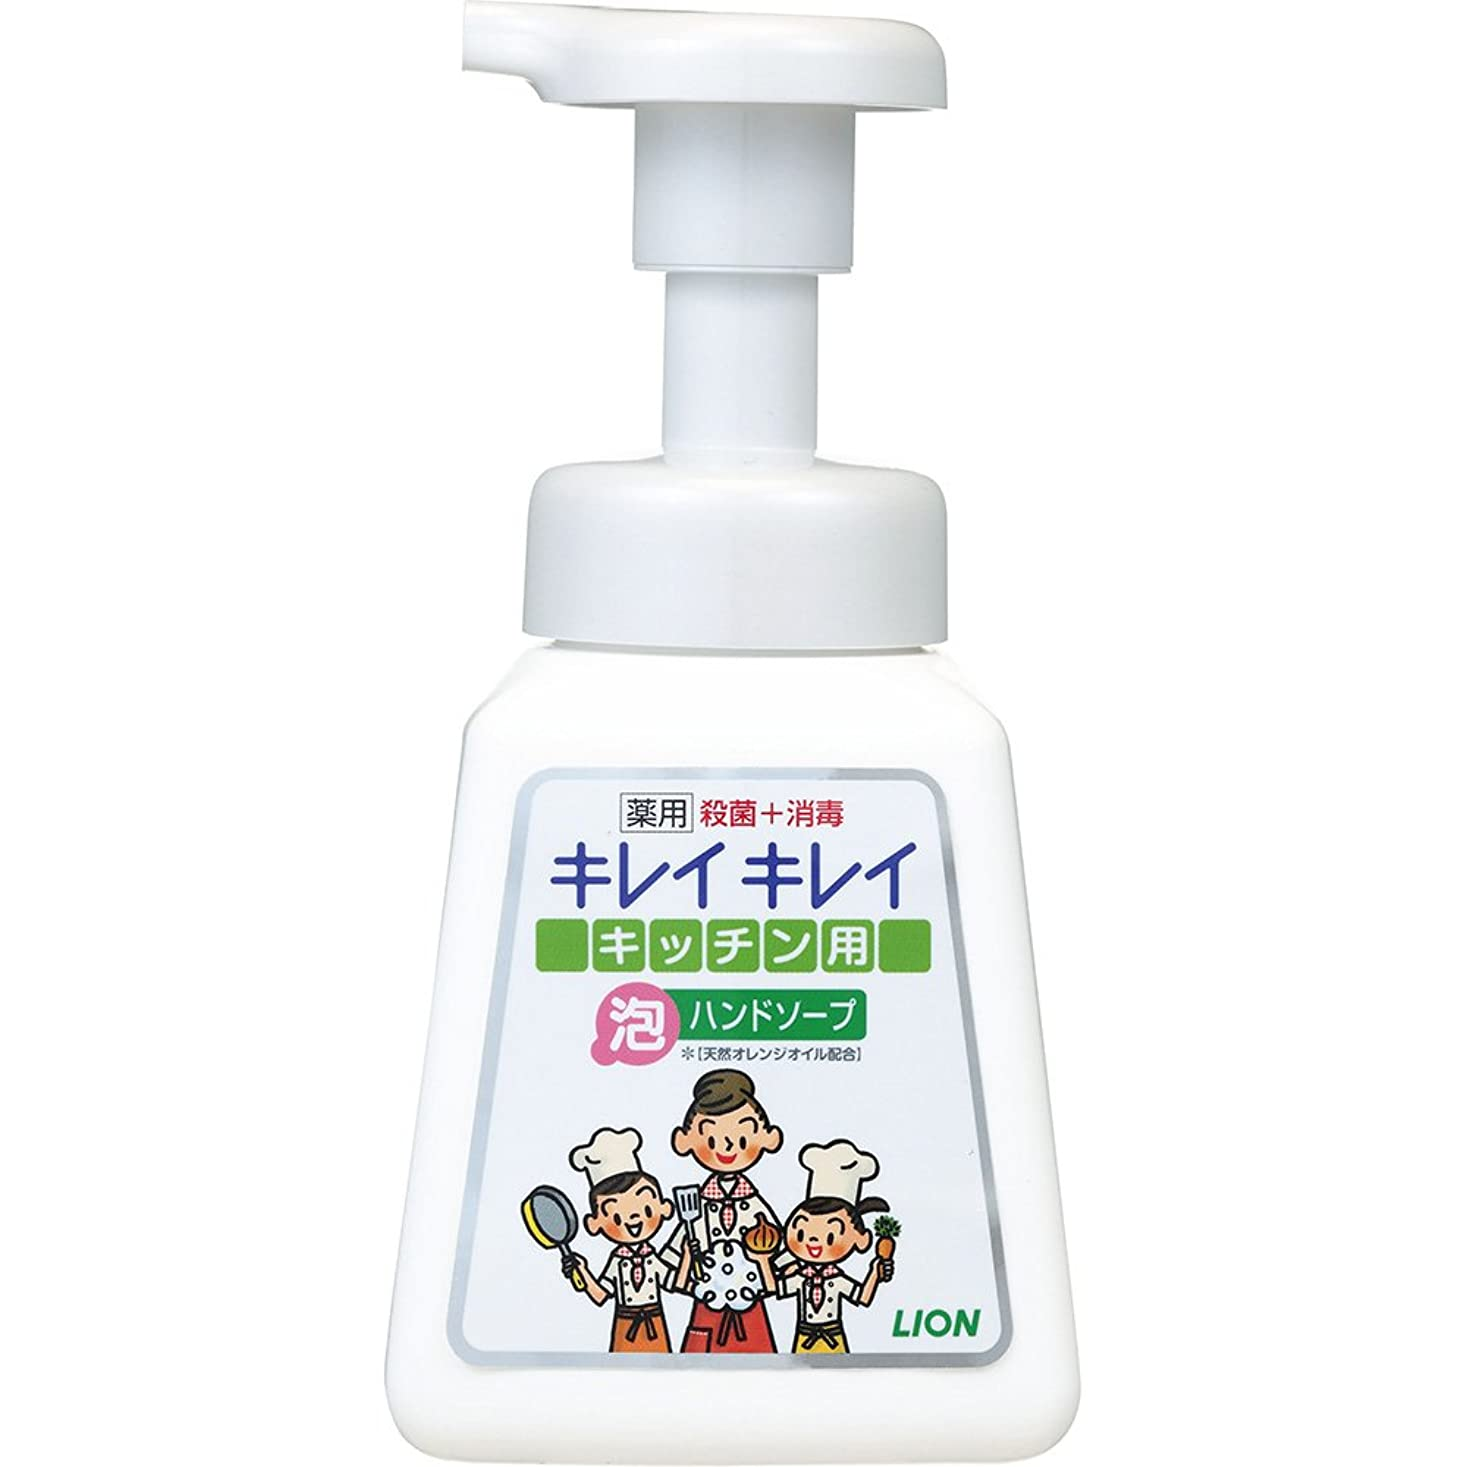 メンバー妊娠した手キレイキレイ 薬用 キッチン泡ハンドソープ 本体ポンプ 230ml(医薬部外品)